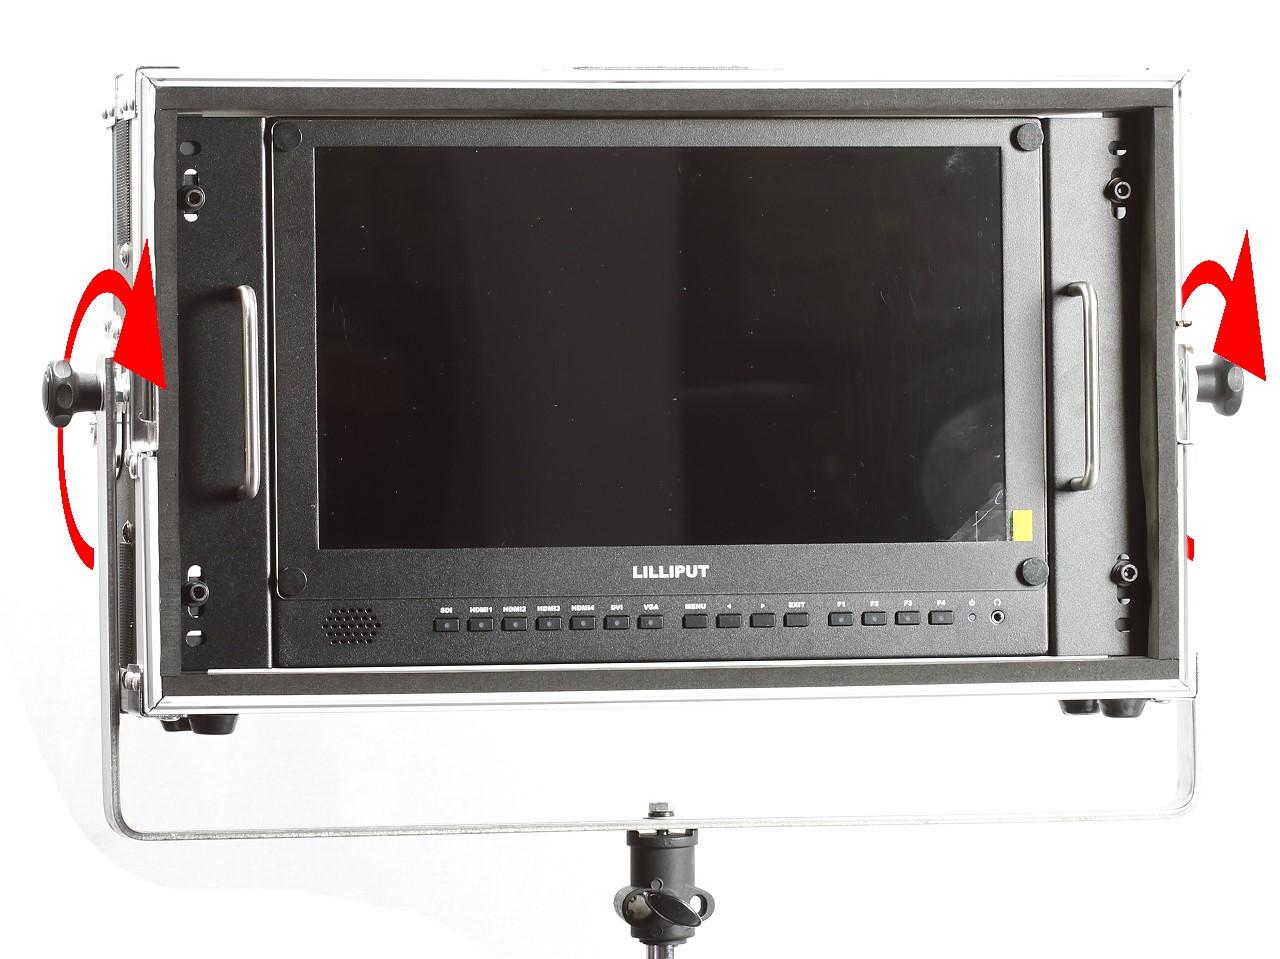 Artikelfoto Lilliput 15.6 Zoll 4K Monitor mit Schwenkrahmen für Lichtstativ BM150-4K-LP